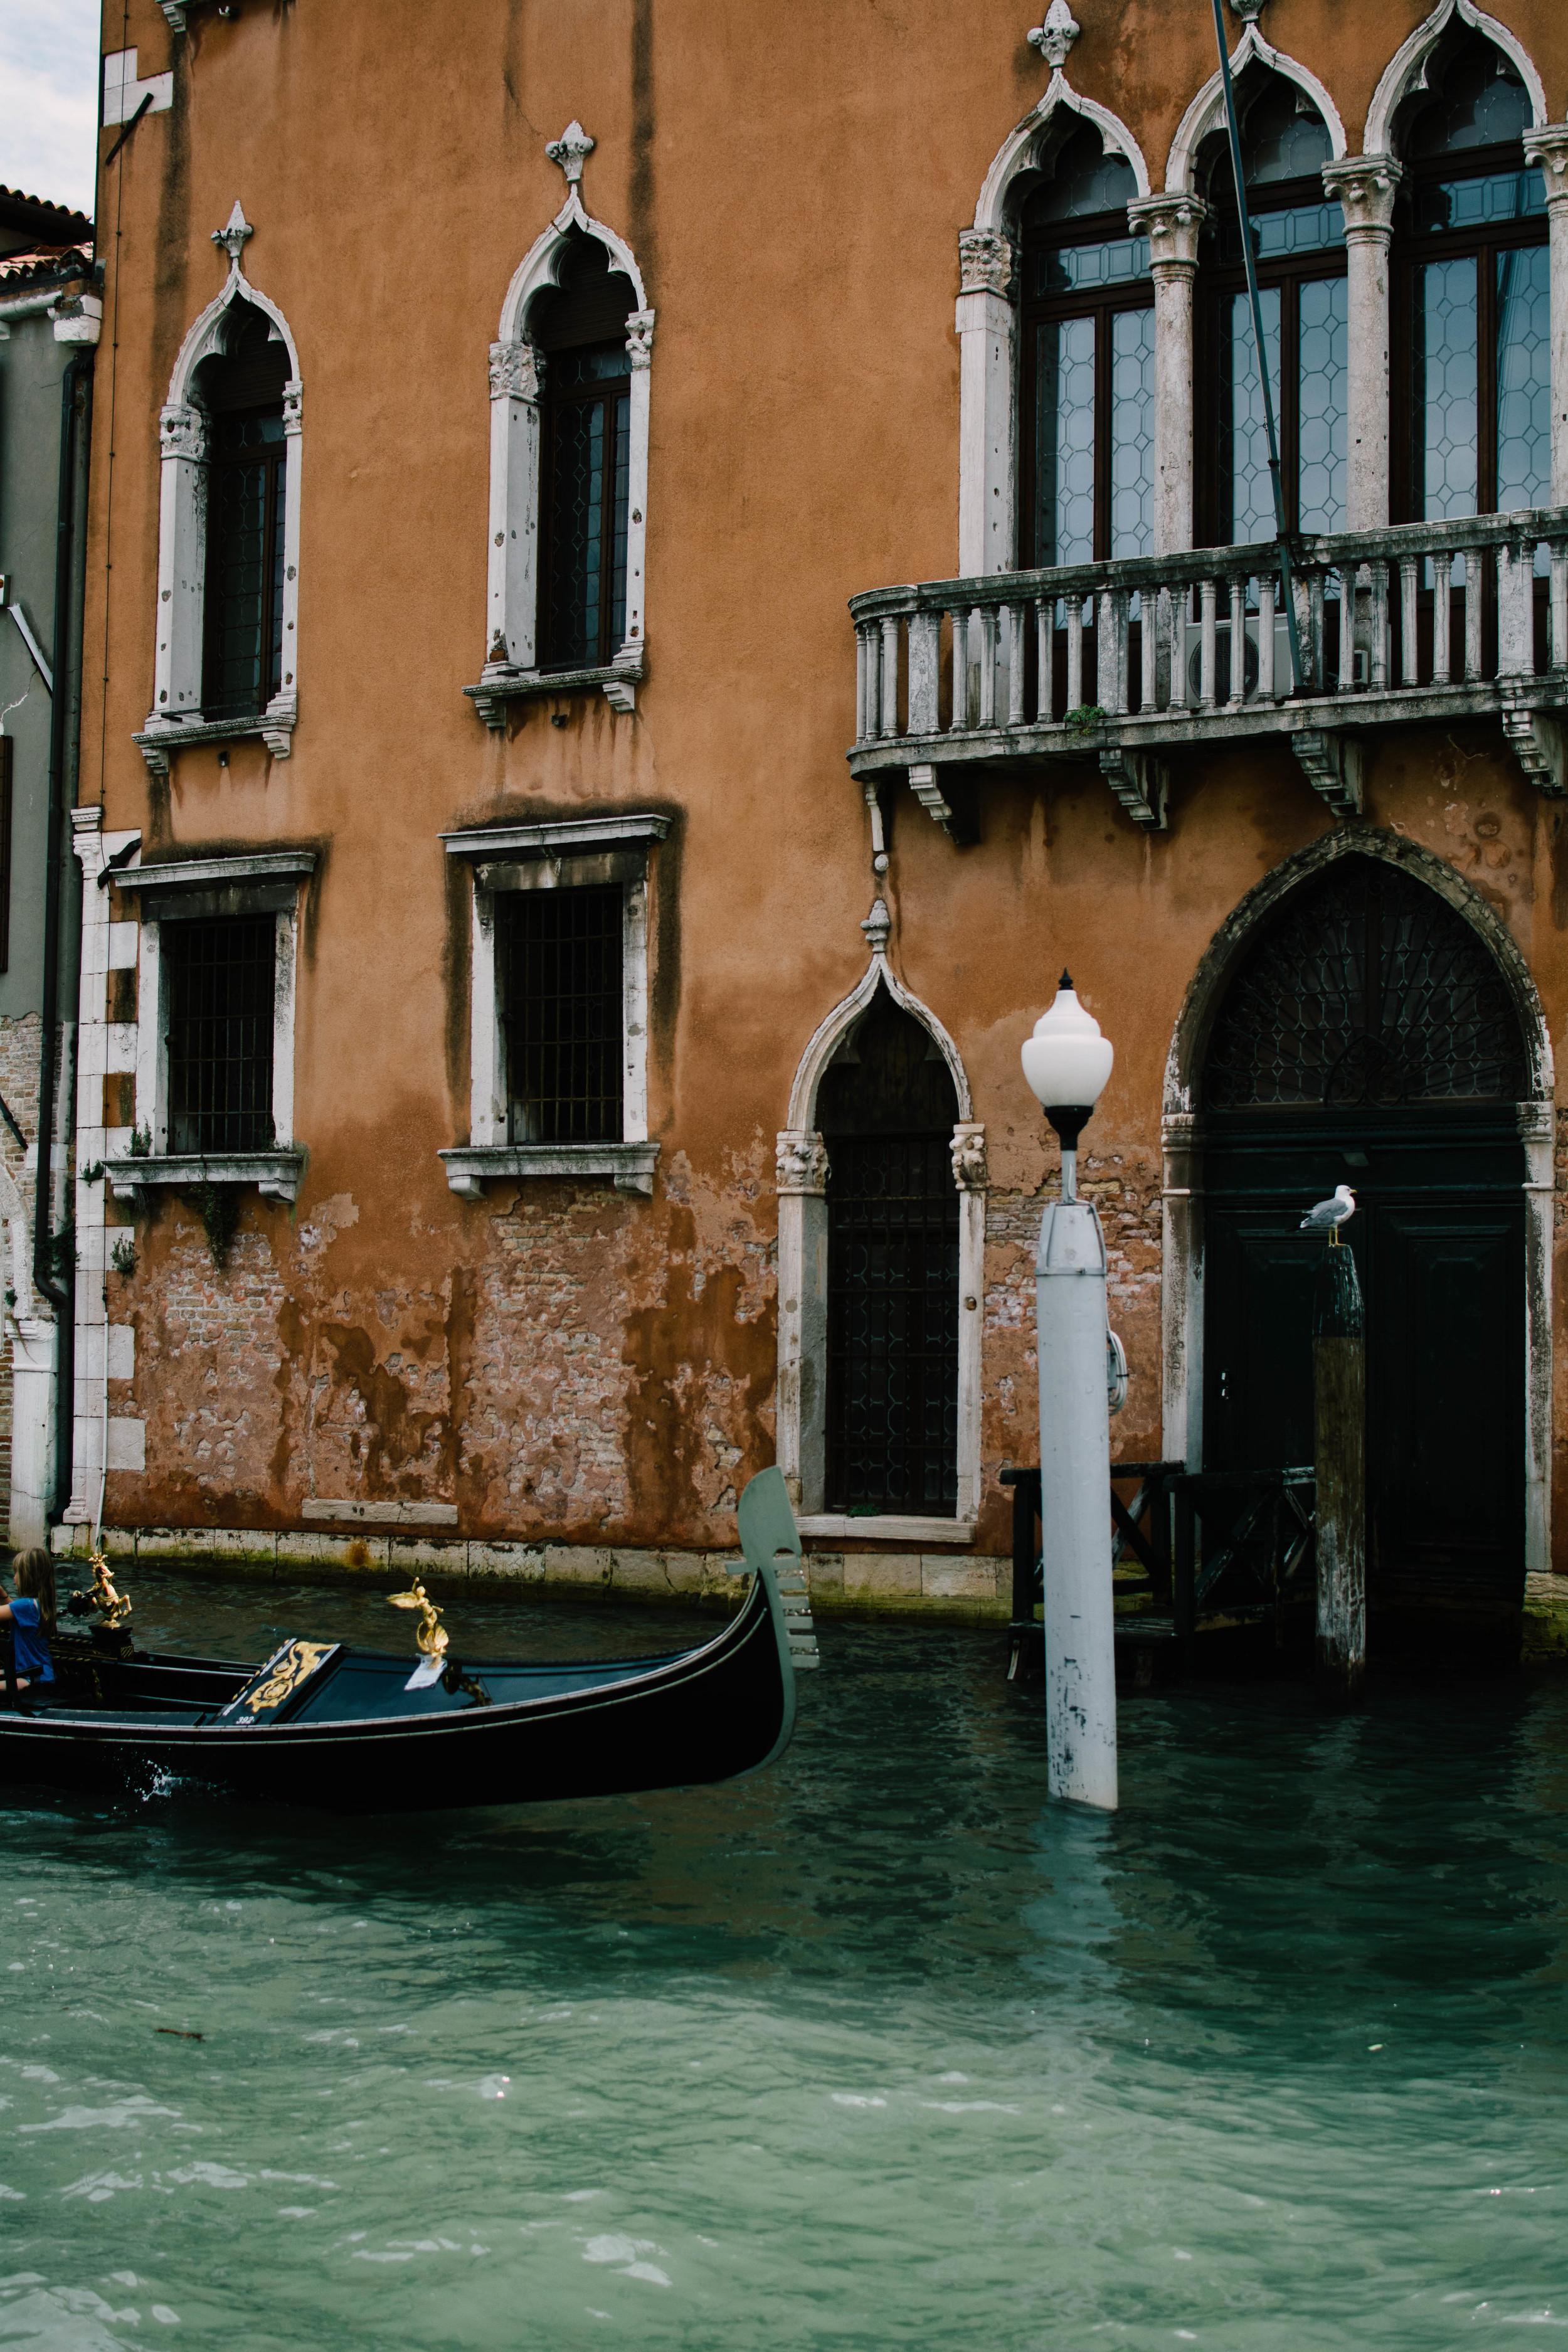 italia-02201060.jpg